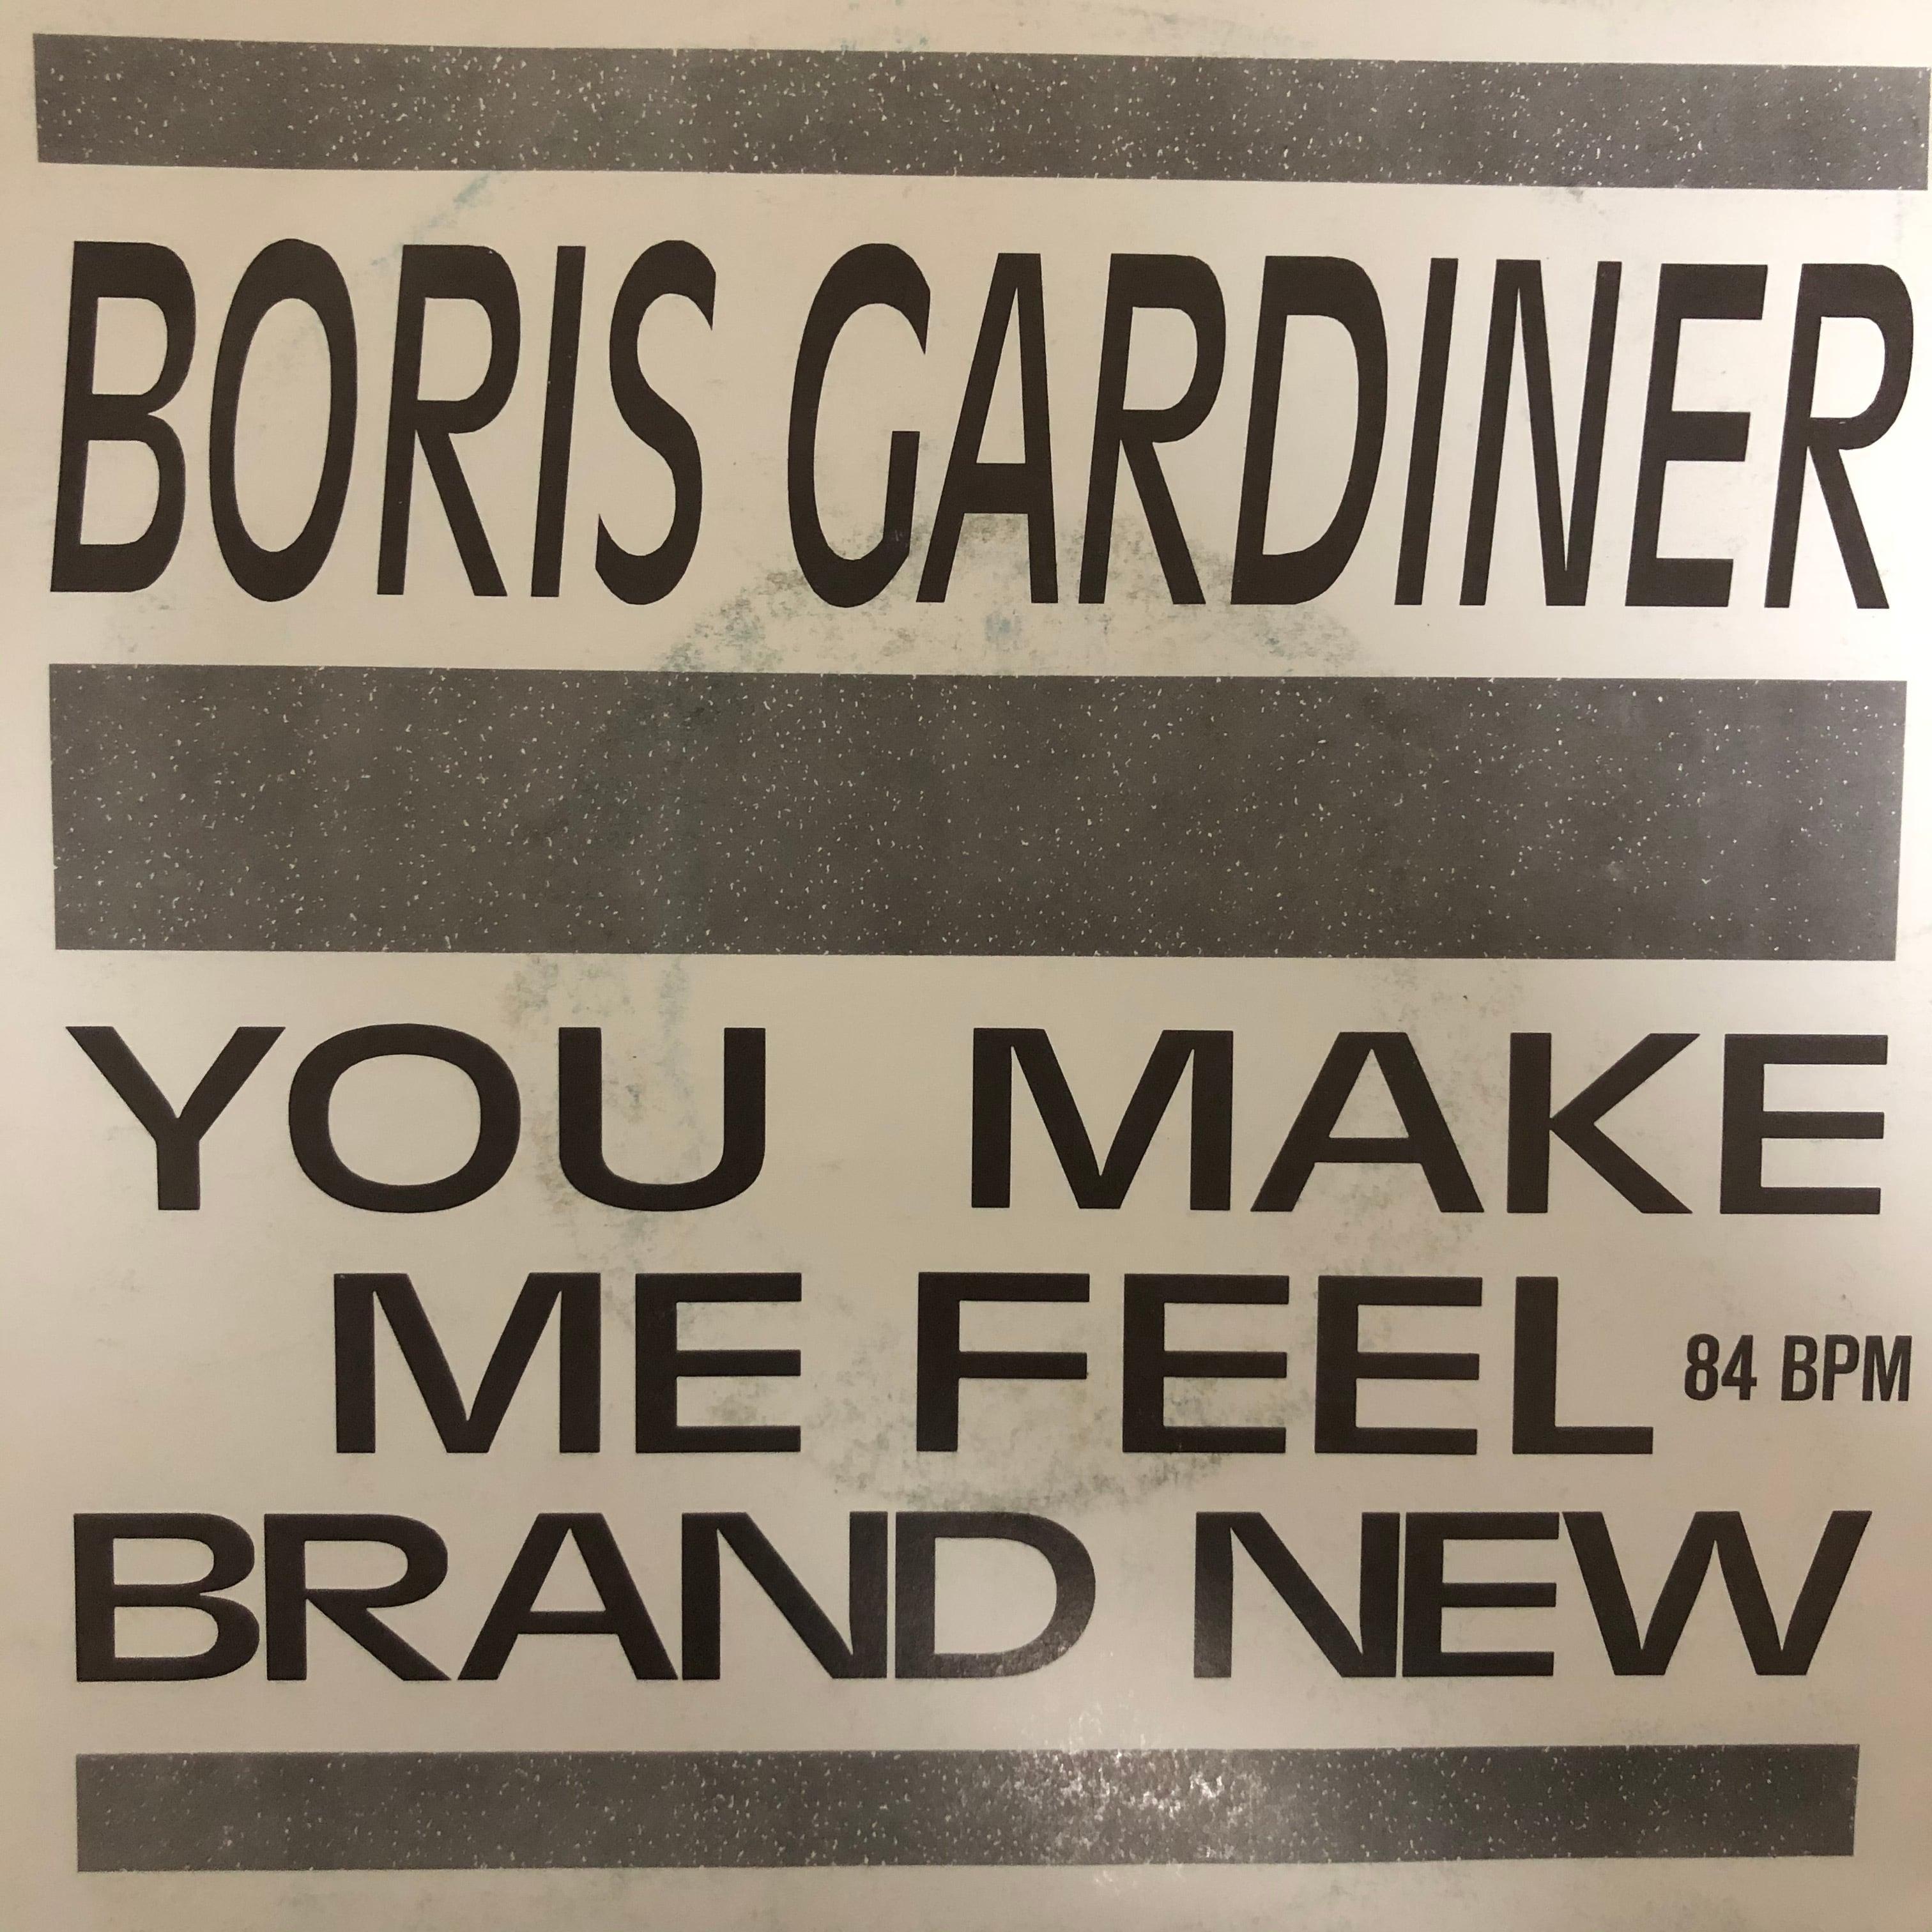 Boris Gardiner - You Make Me Feel Brand New【7-20485】